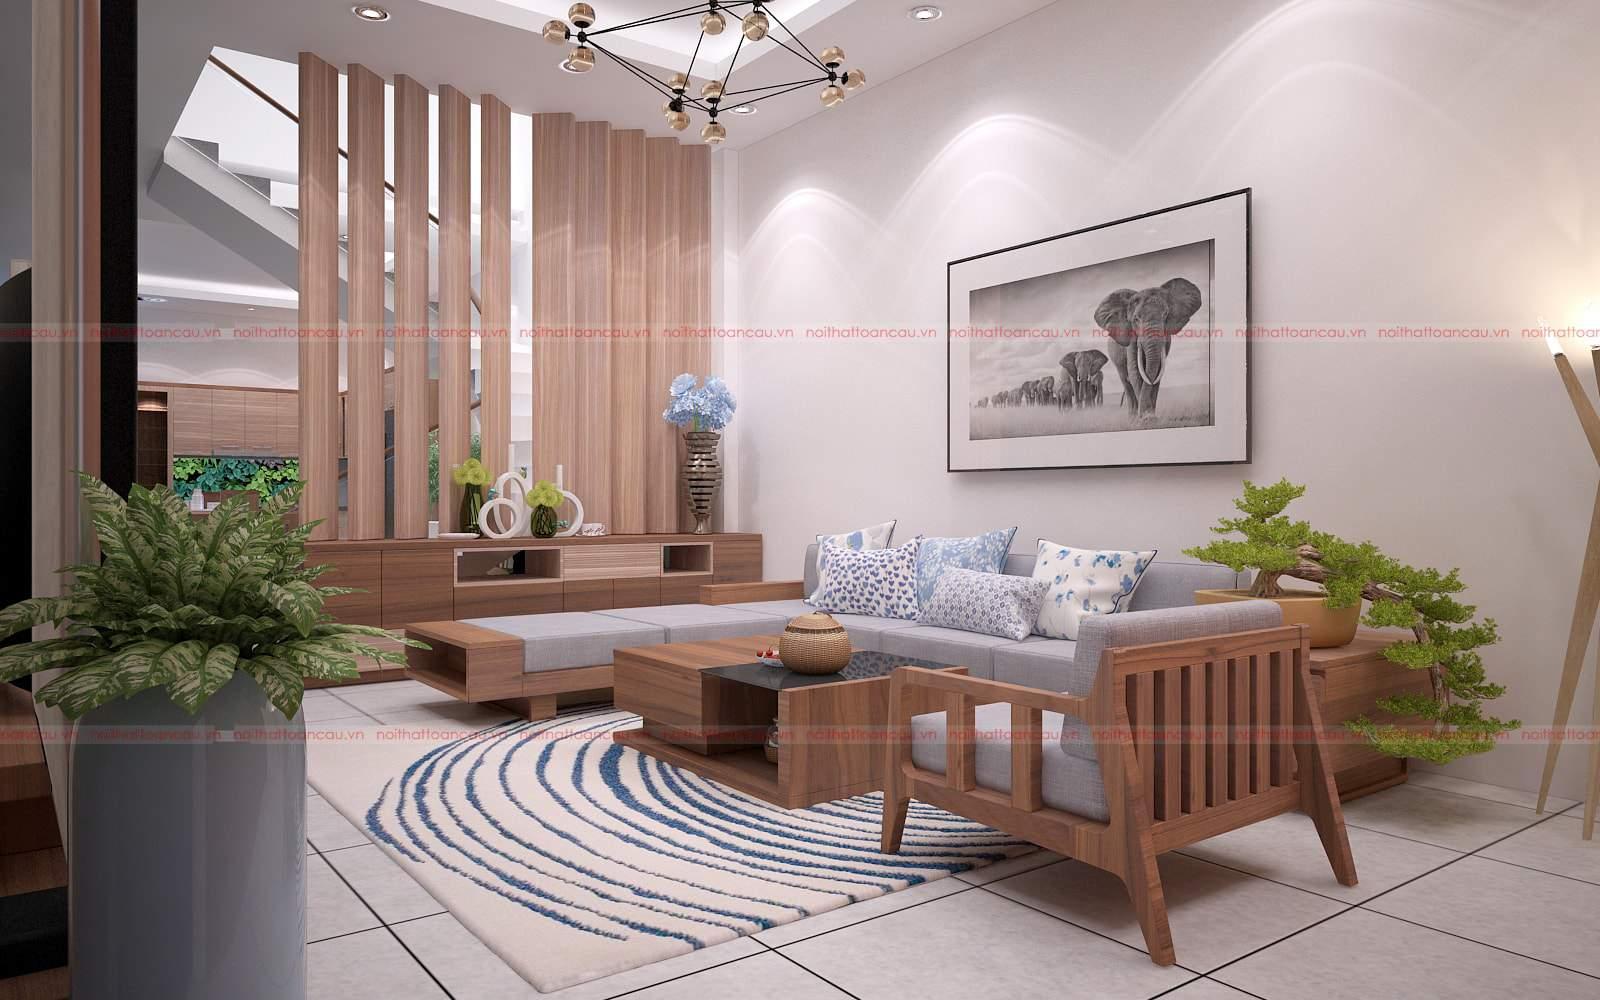 Mẫu thiết kế phòng khách đẹp bằng gỗ óc chó tại Hà Nam đẹp và sang